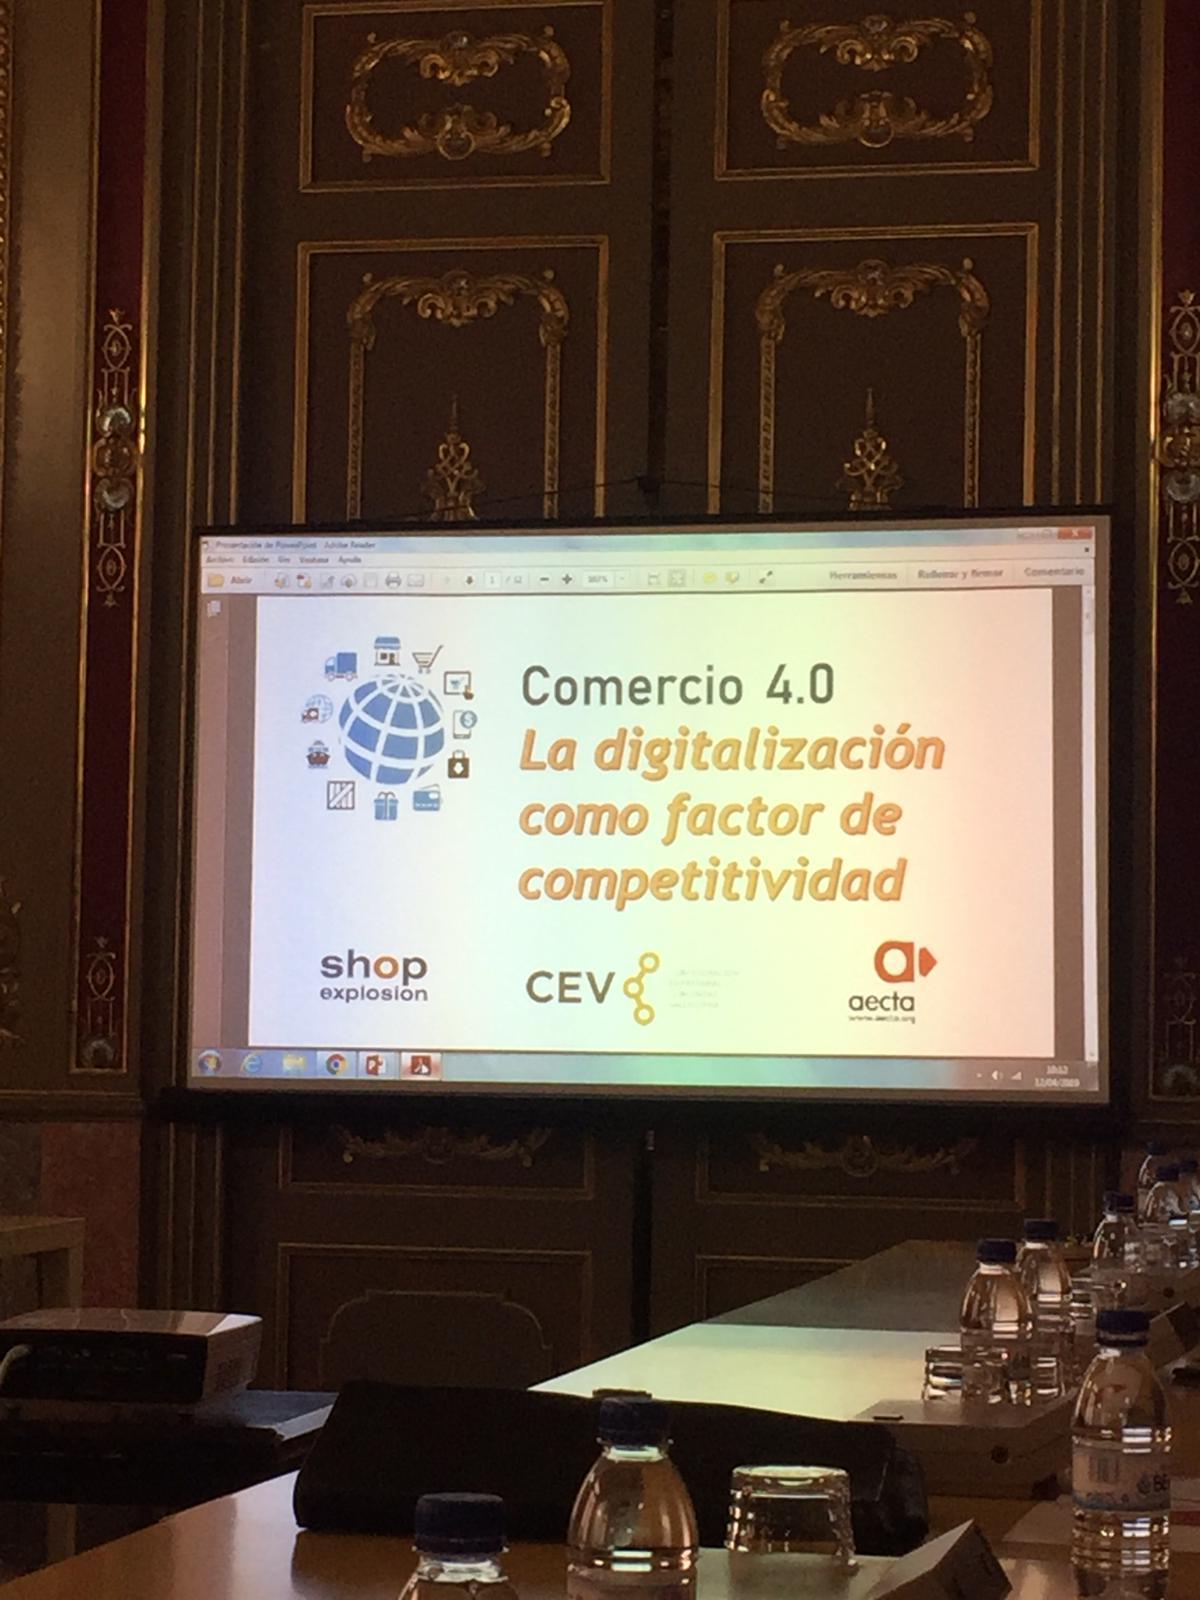 COMERÇ 4.0 LA DIGITALITZACIÓ COM A FACTOR DE COMPETITIVITAT